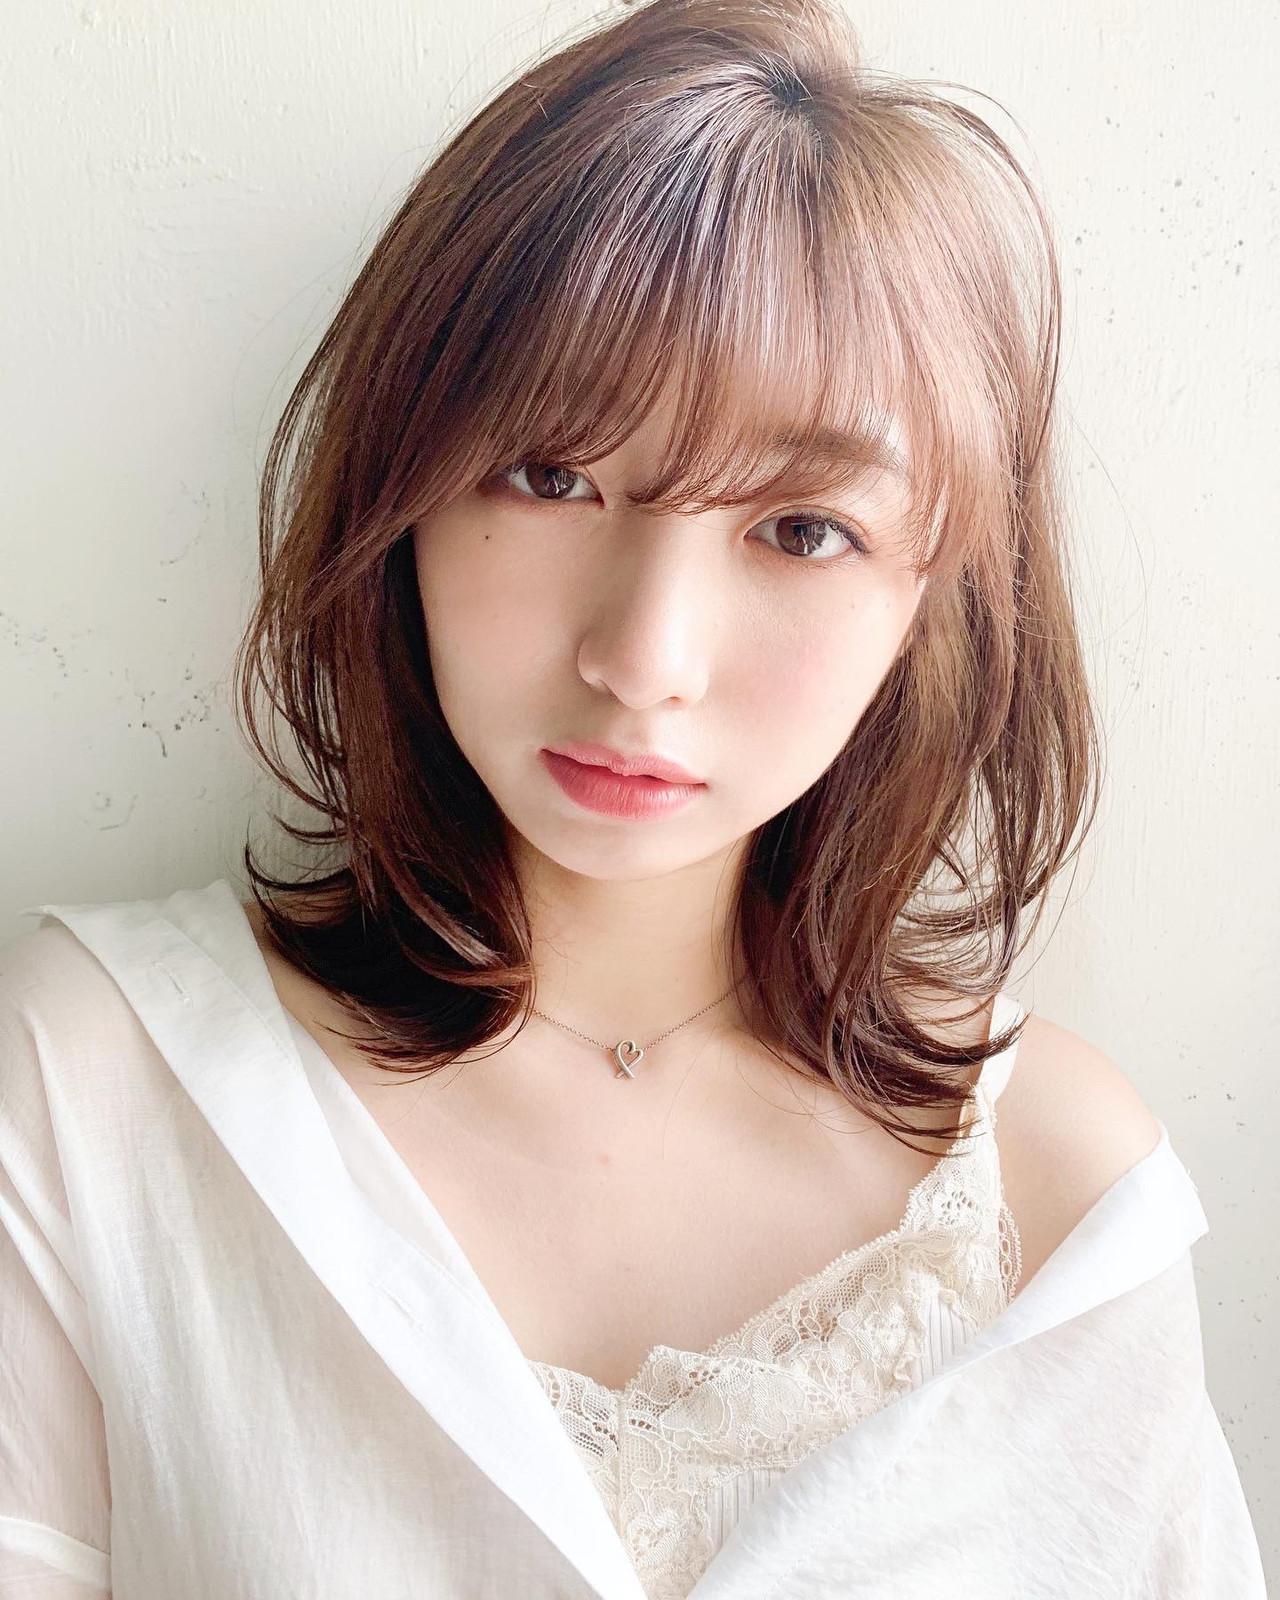 大人ミディアム ひし形シルエット 大人かわいい 外はね ヘアスタイルや髪型の写真・画像